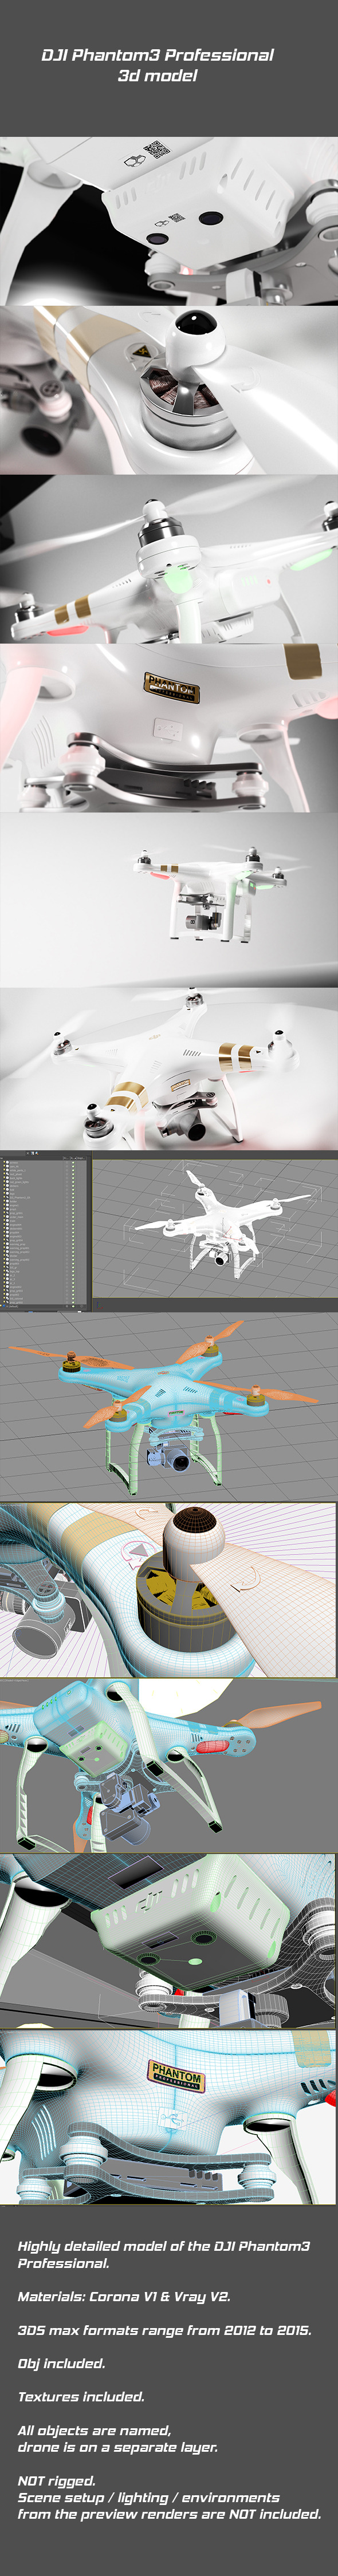 DJI Phantom3 Professional - 3DOcean Item for Sale